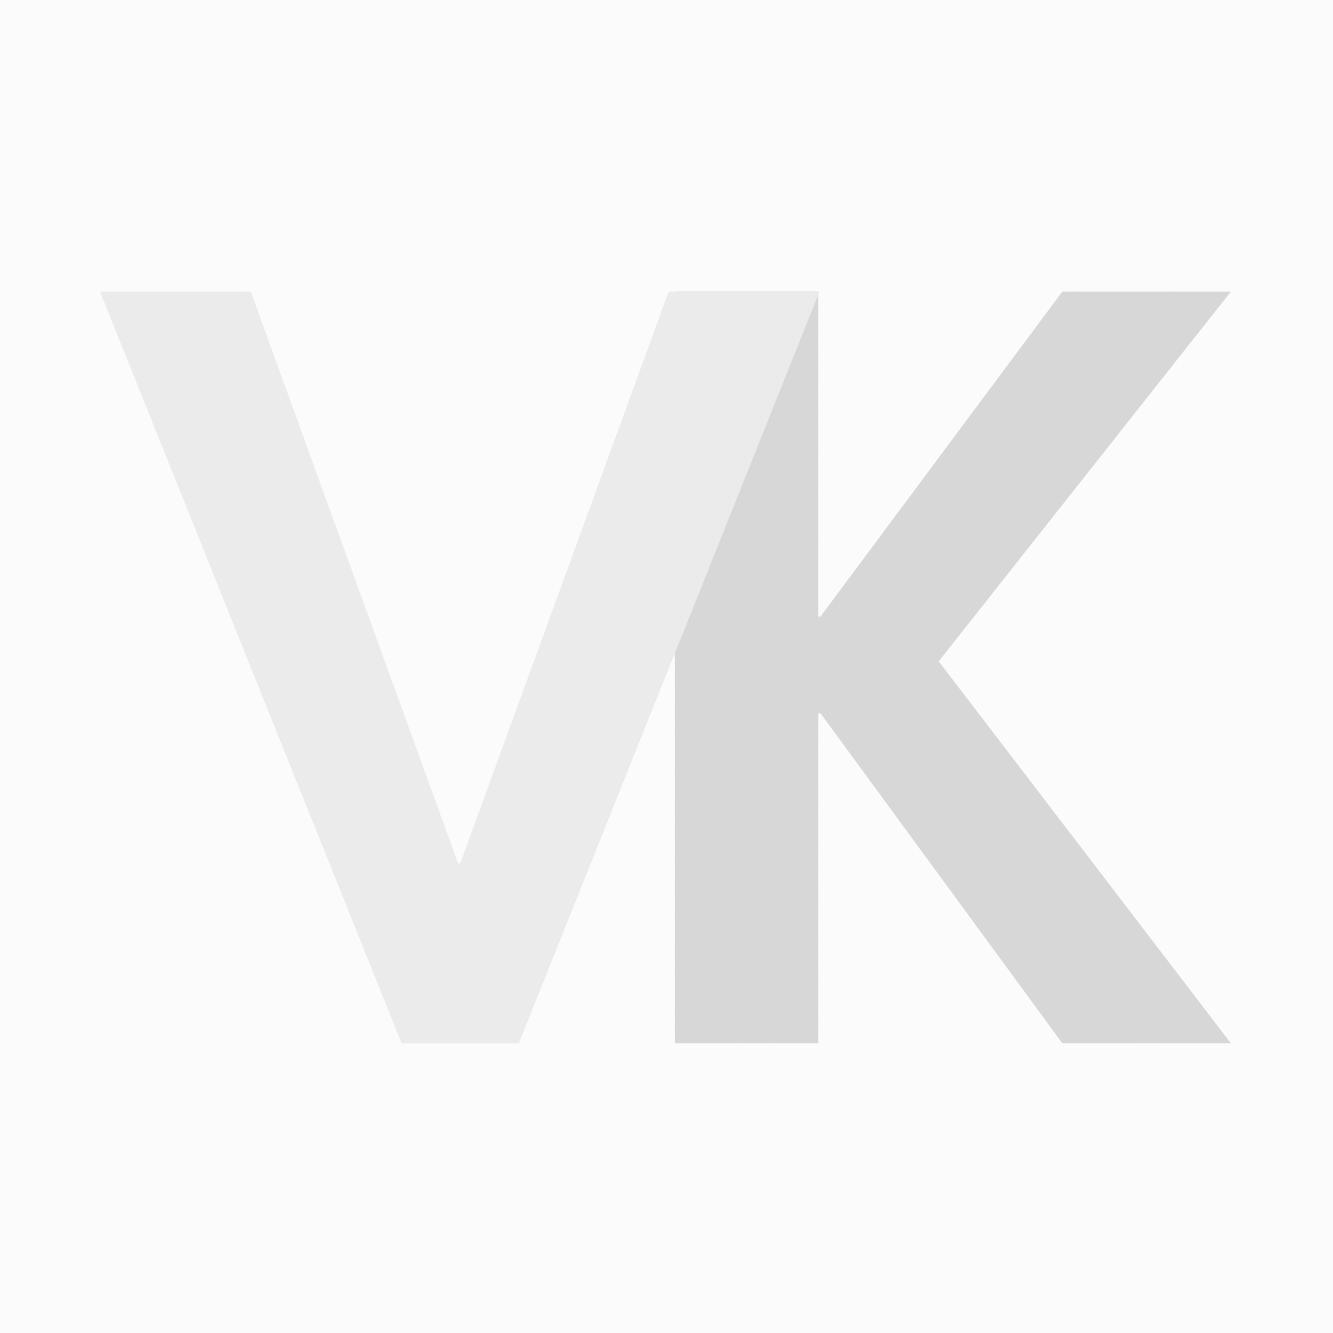 Valera Salon Exclusive Föhn Master Pro 3.2X Pearl White 2400W